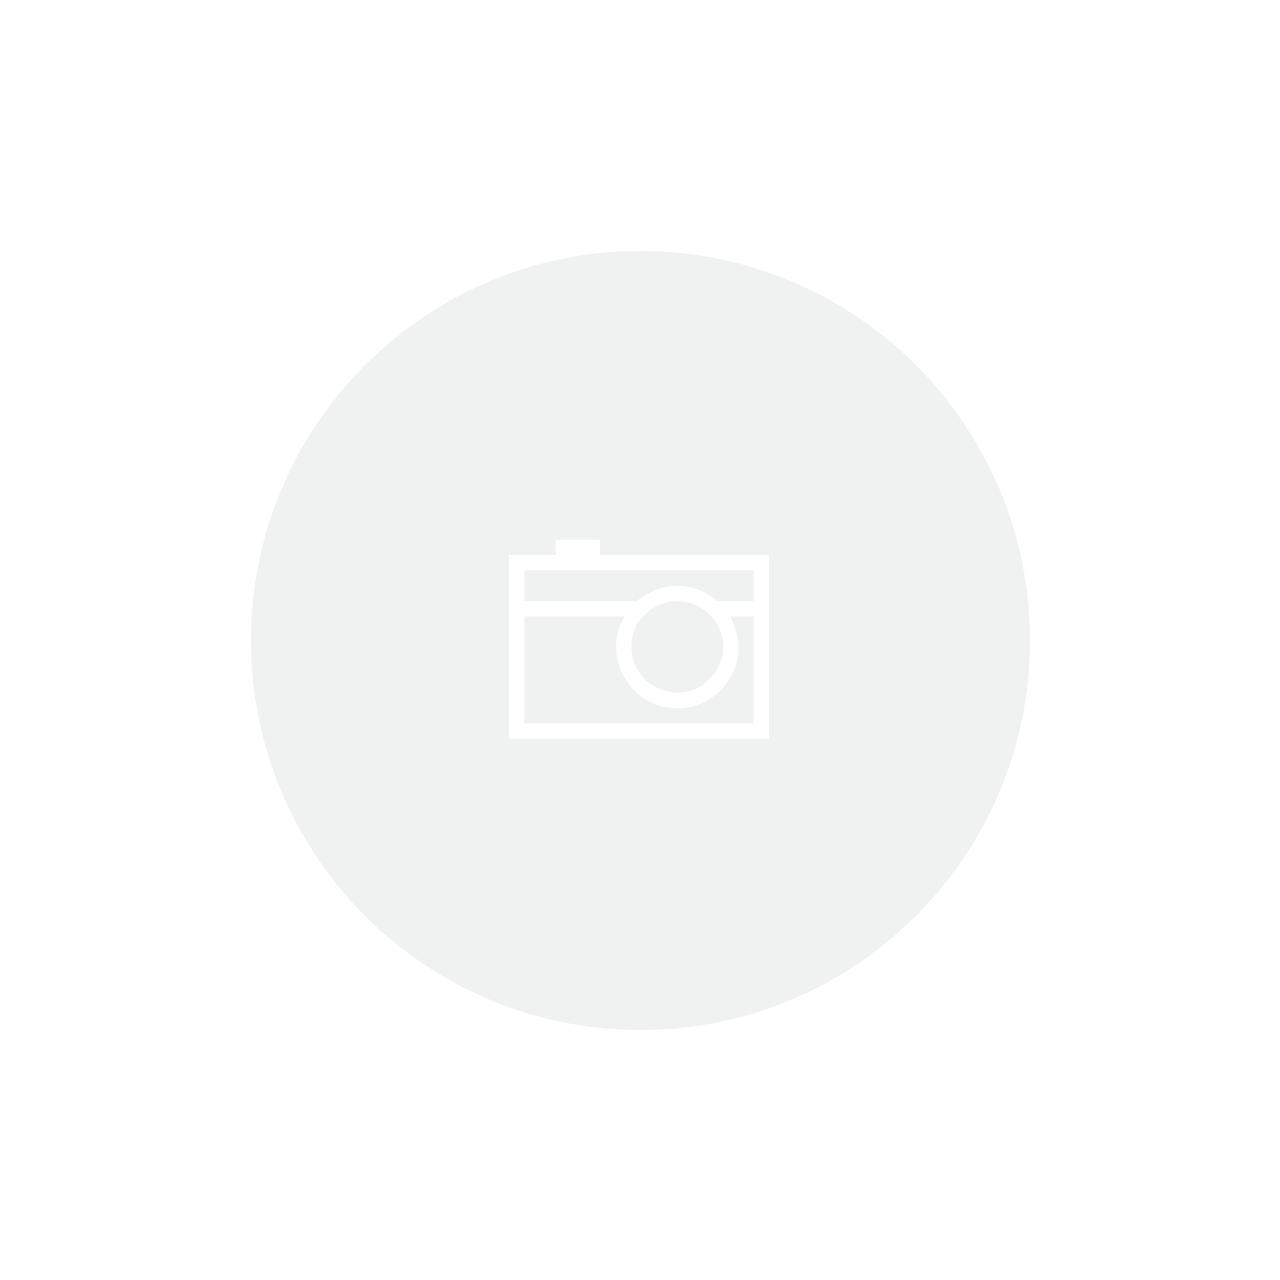 BICICLETA 29 BMC SPEEDFOX AMP FOUR 2020 11V SLX/XT